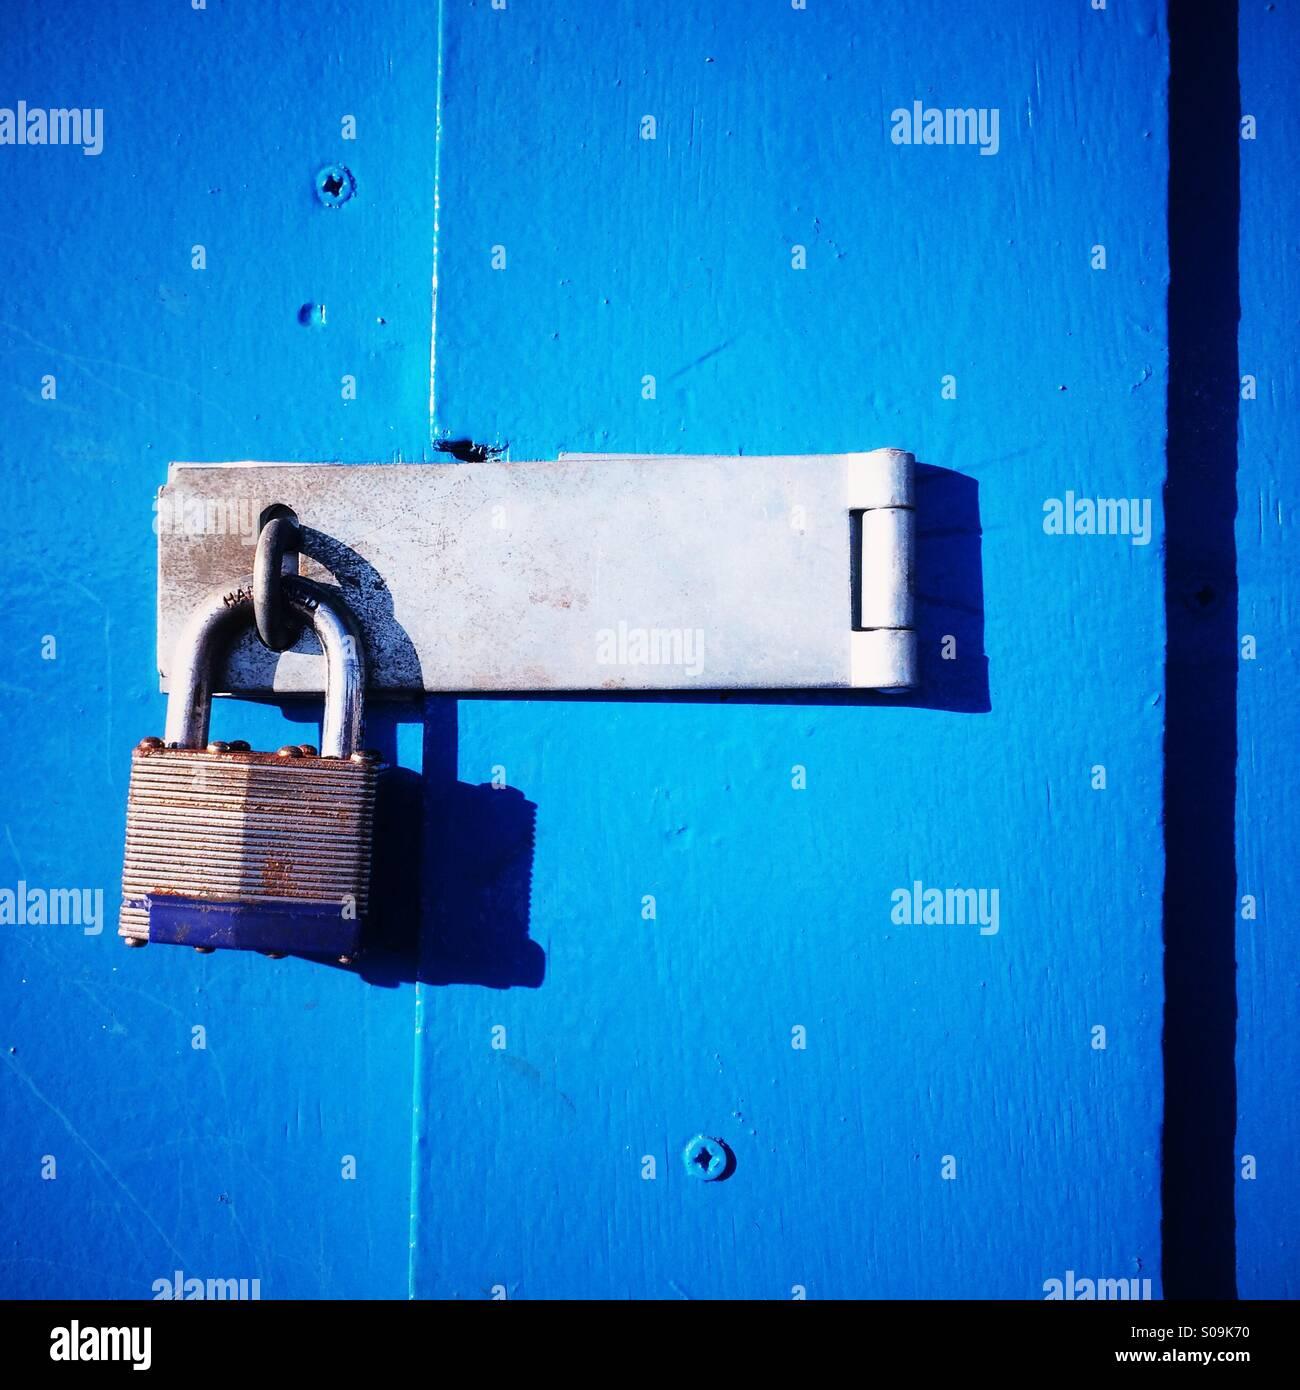 Un cadenas verrouillé sur une porte en bois bleu. Photo Stock